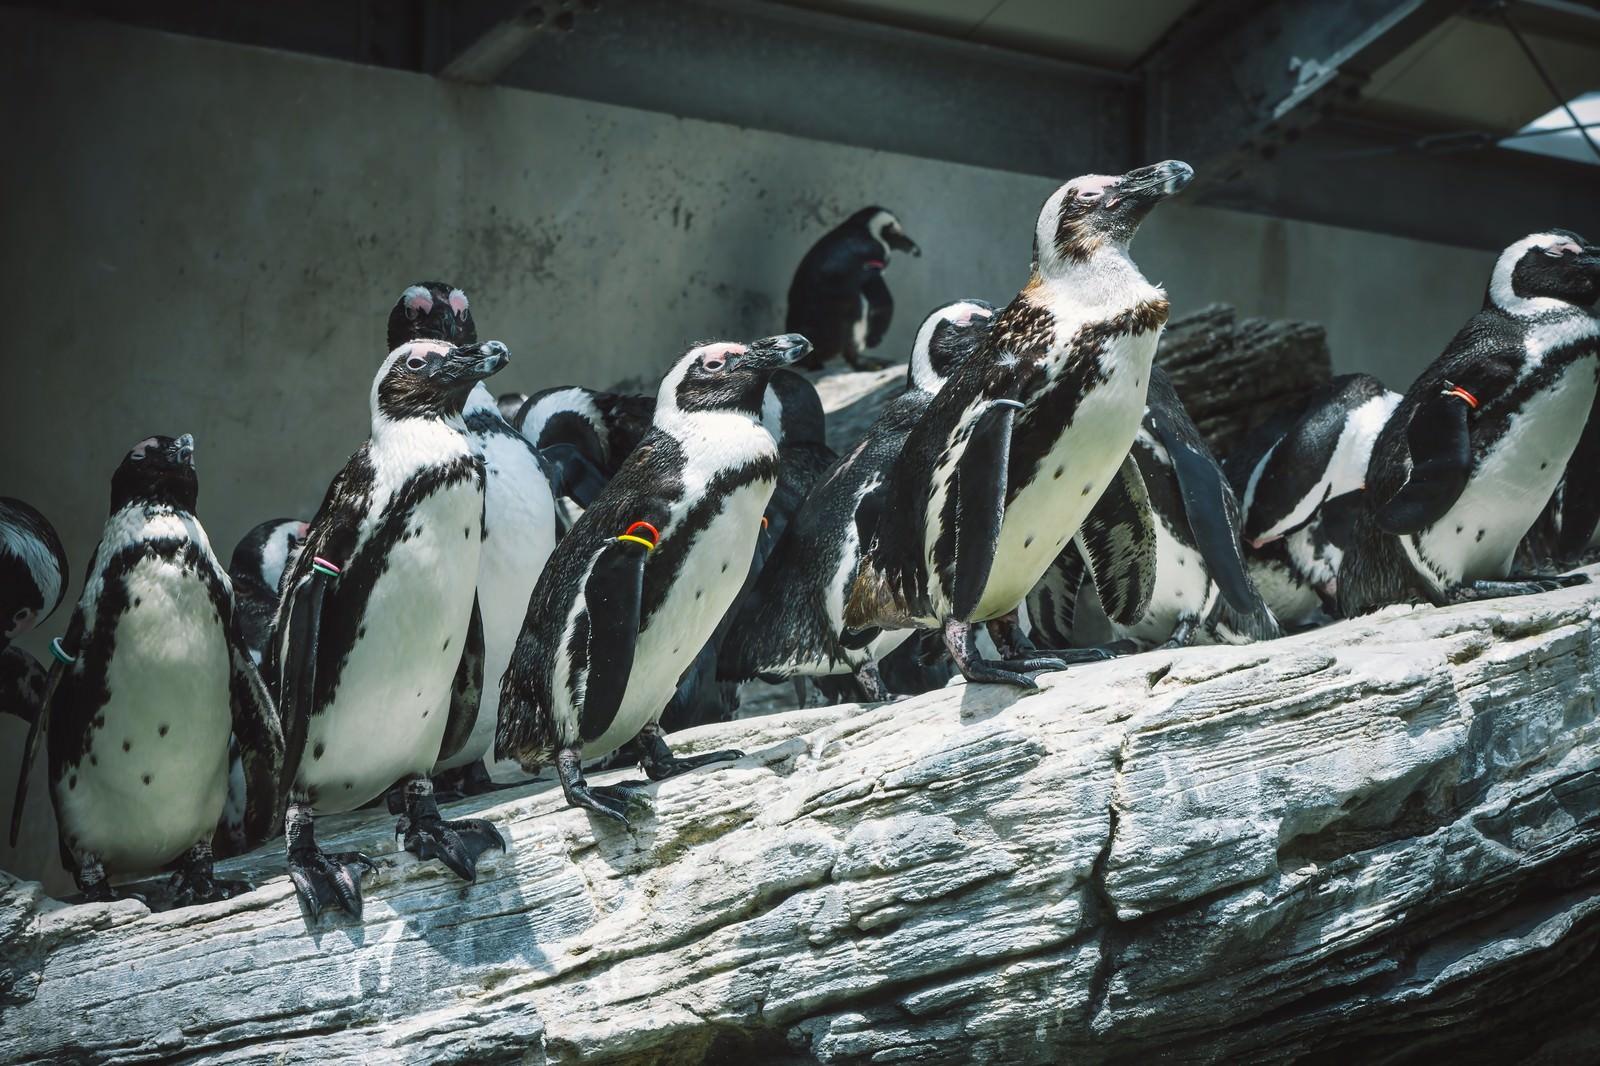 「岩場のペンギン」の写真